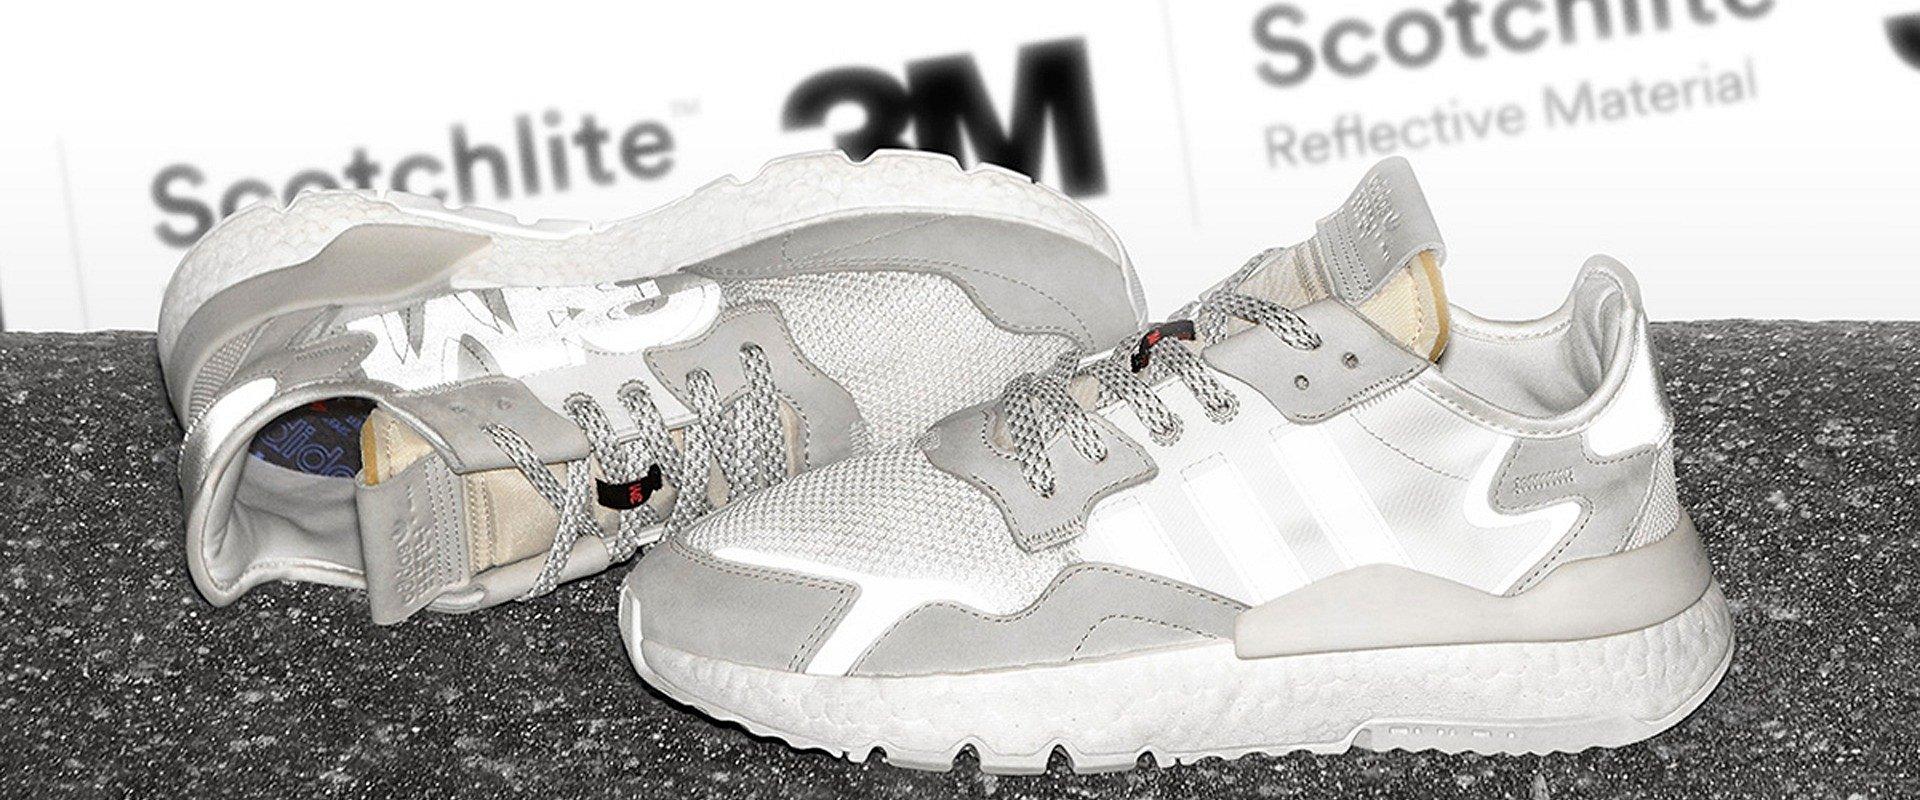 Technologia 3M w nowej kolekcji butów Adidas Originals